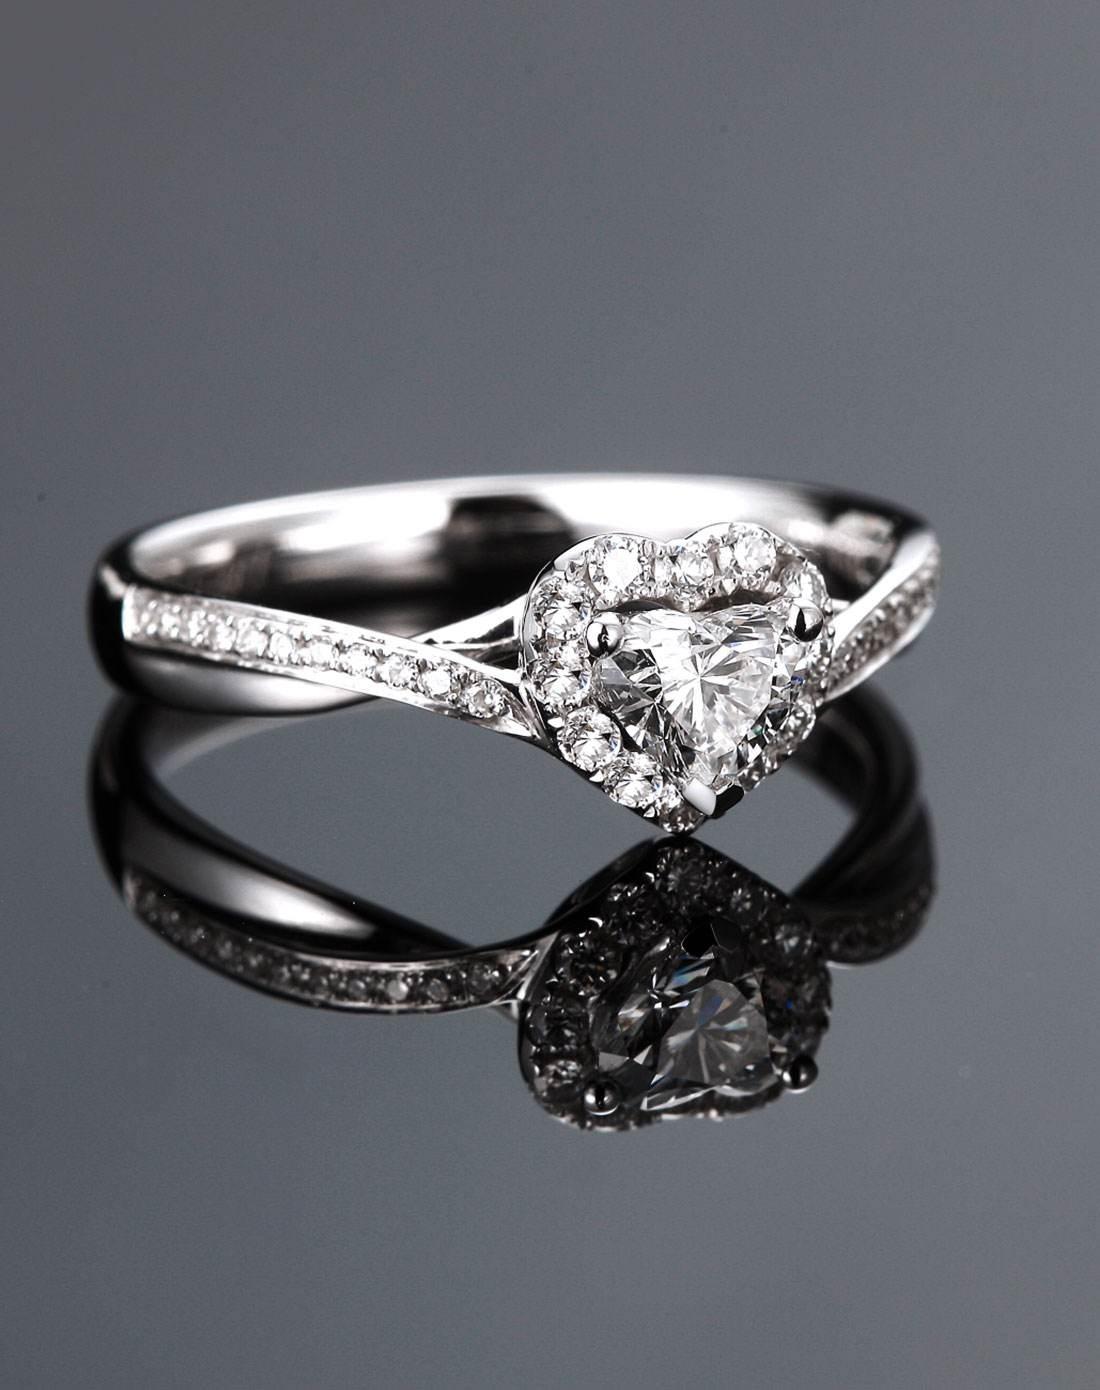 广聚源的二手钻石回收价格高吗